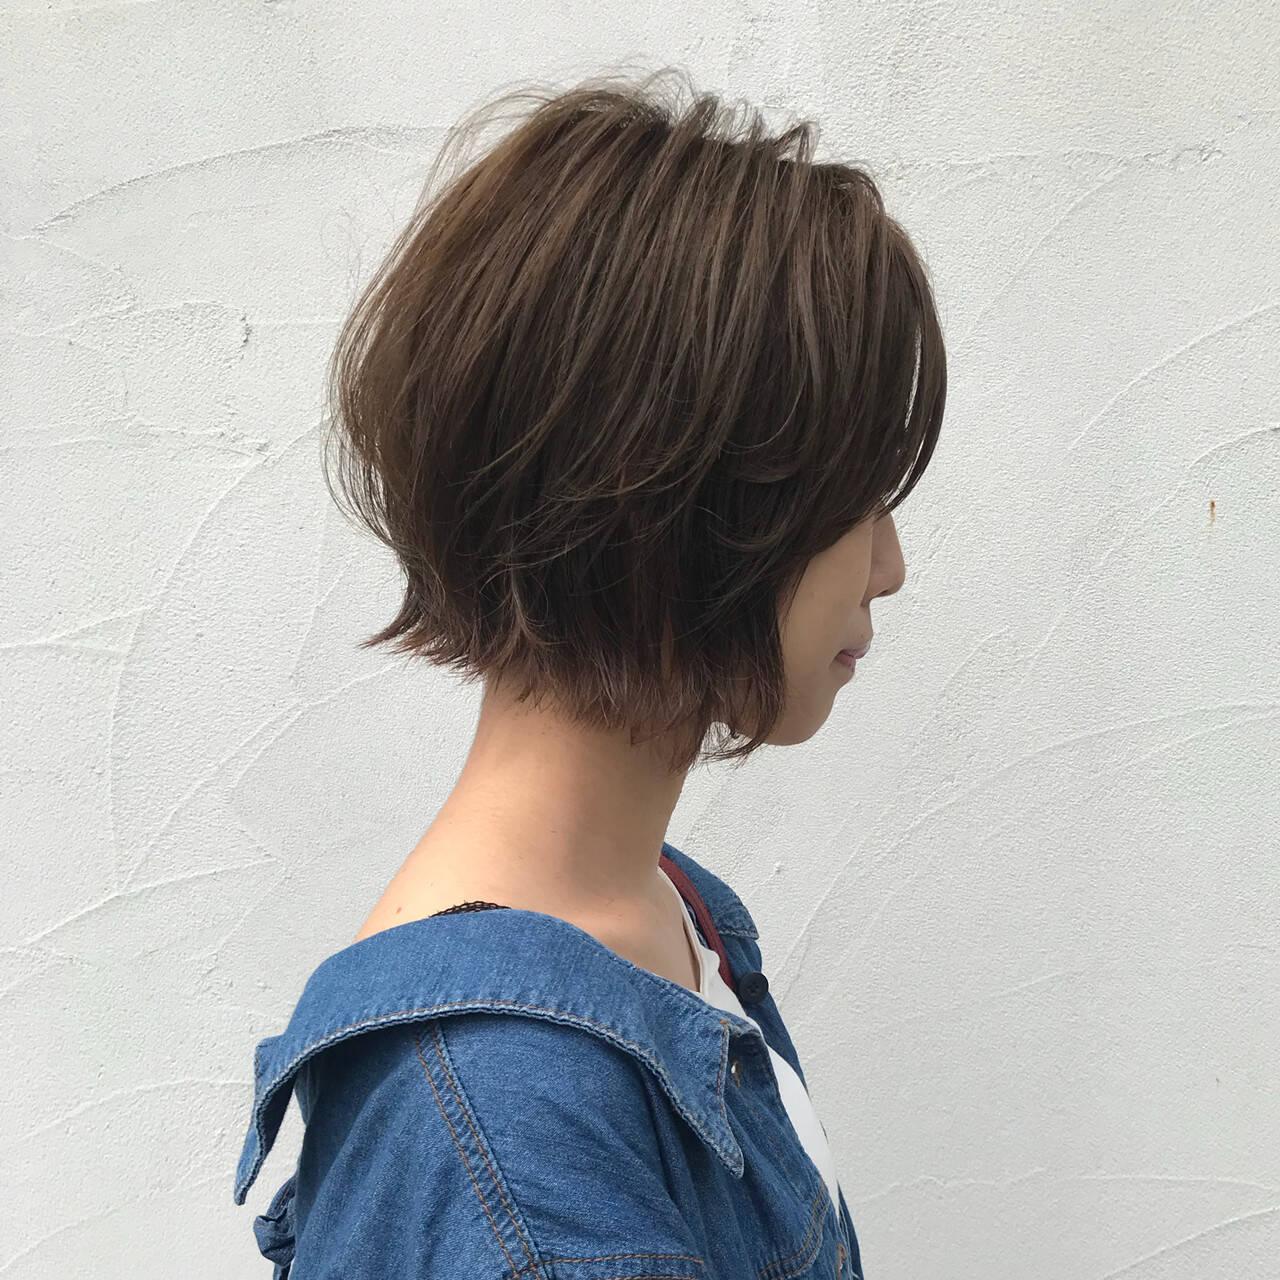 ストリート パーマ 切りっぱなし 外ハネボブヘアスタイルや髪型の写真・画像